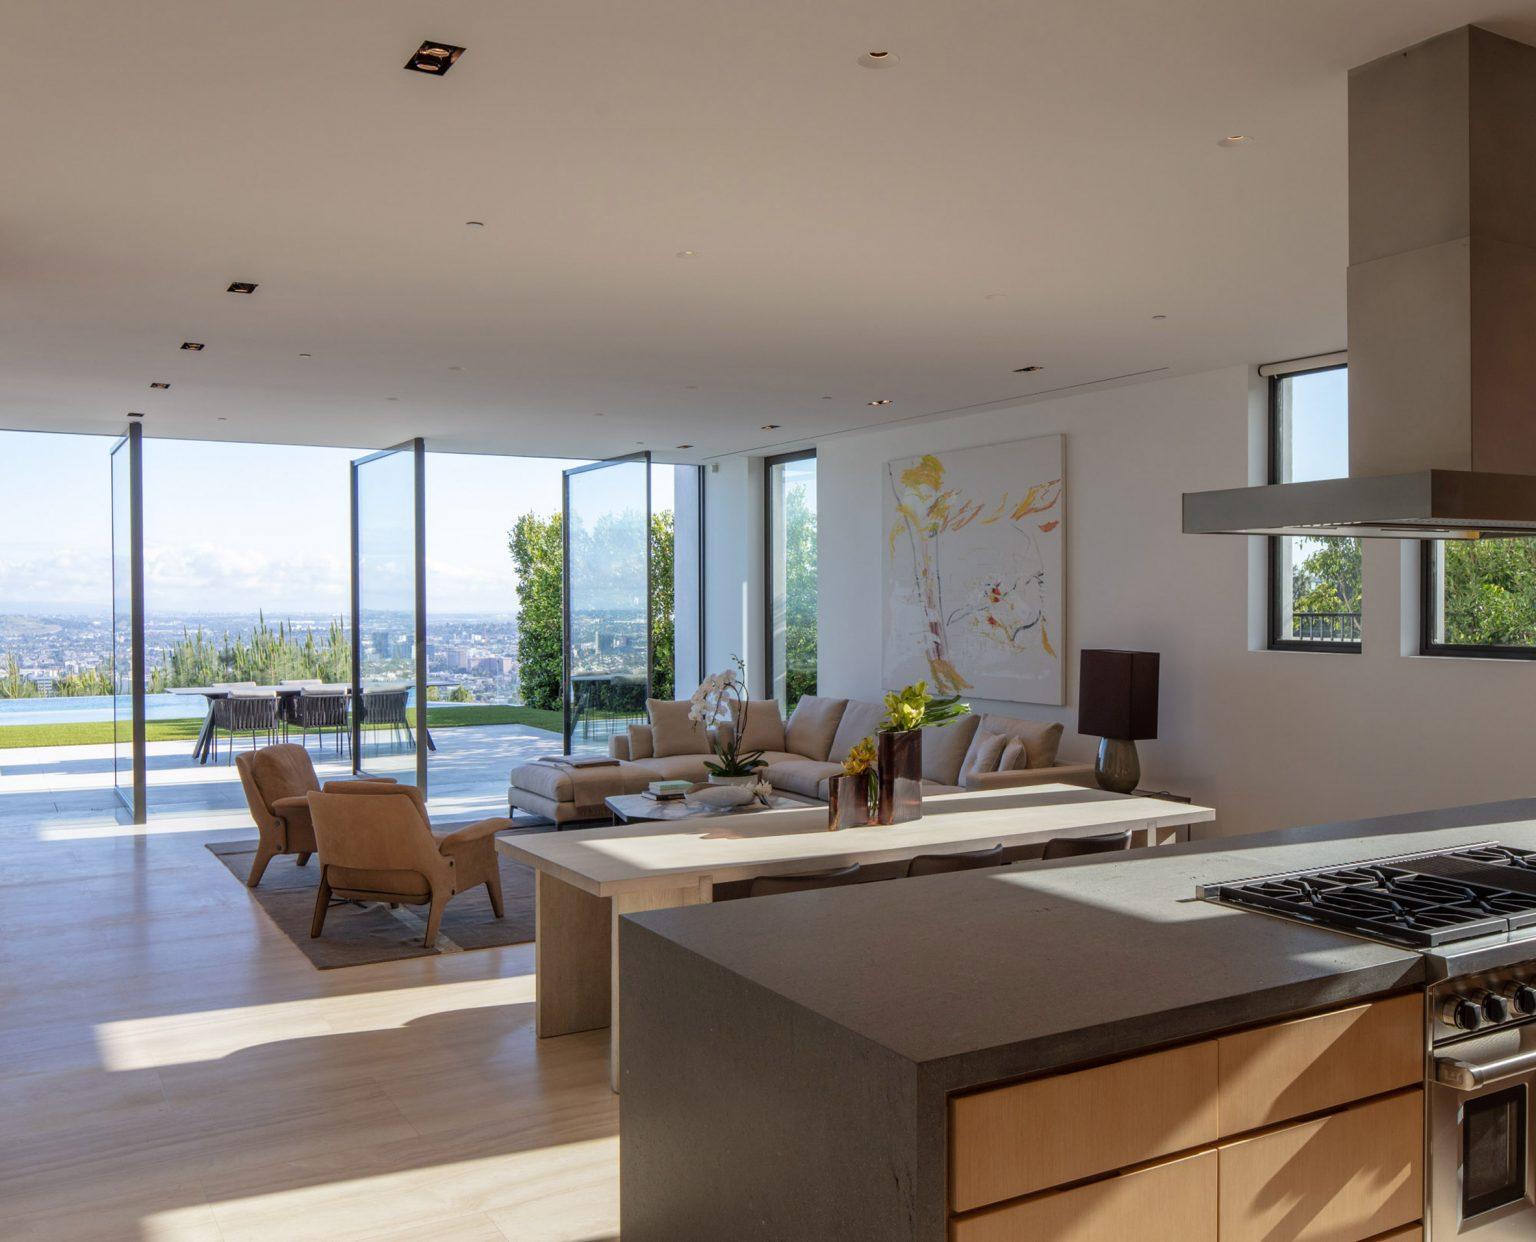 La cucina e il salone /  Standard Architecture/Viewpoint Collection